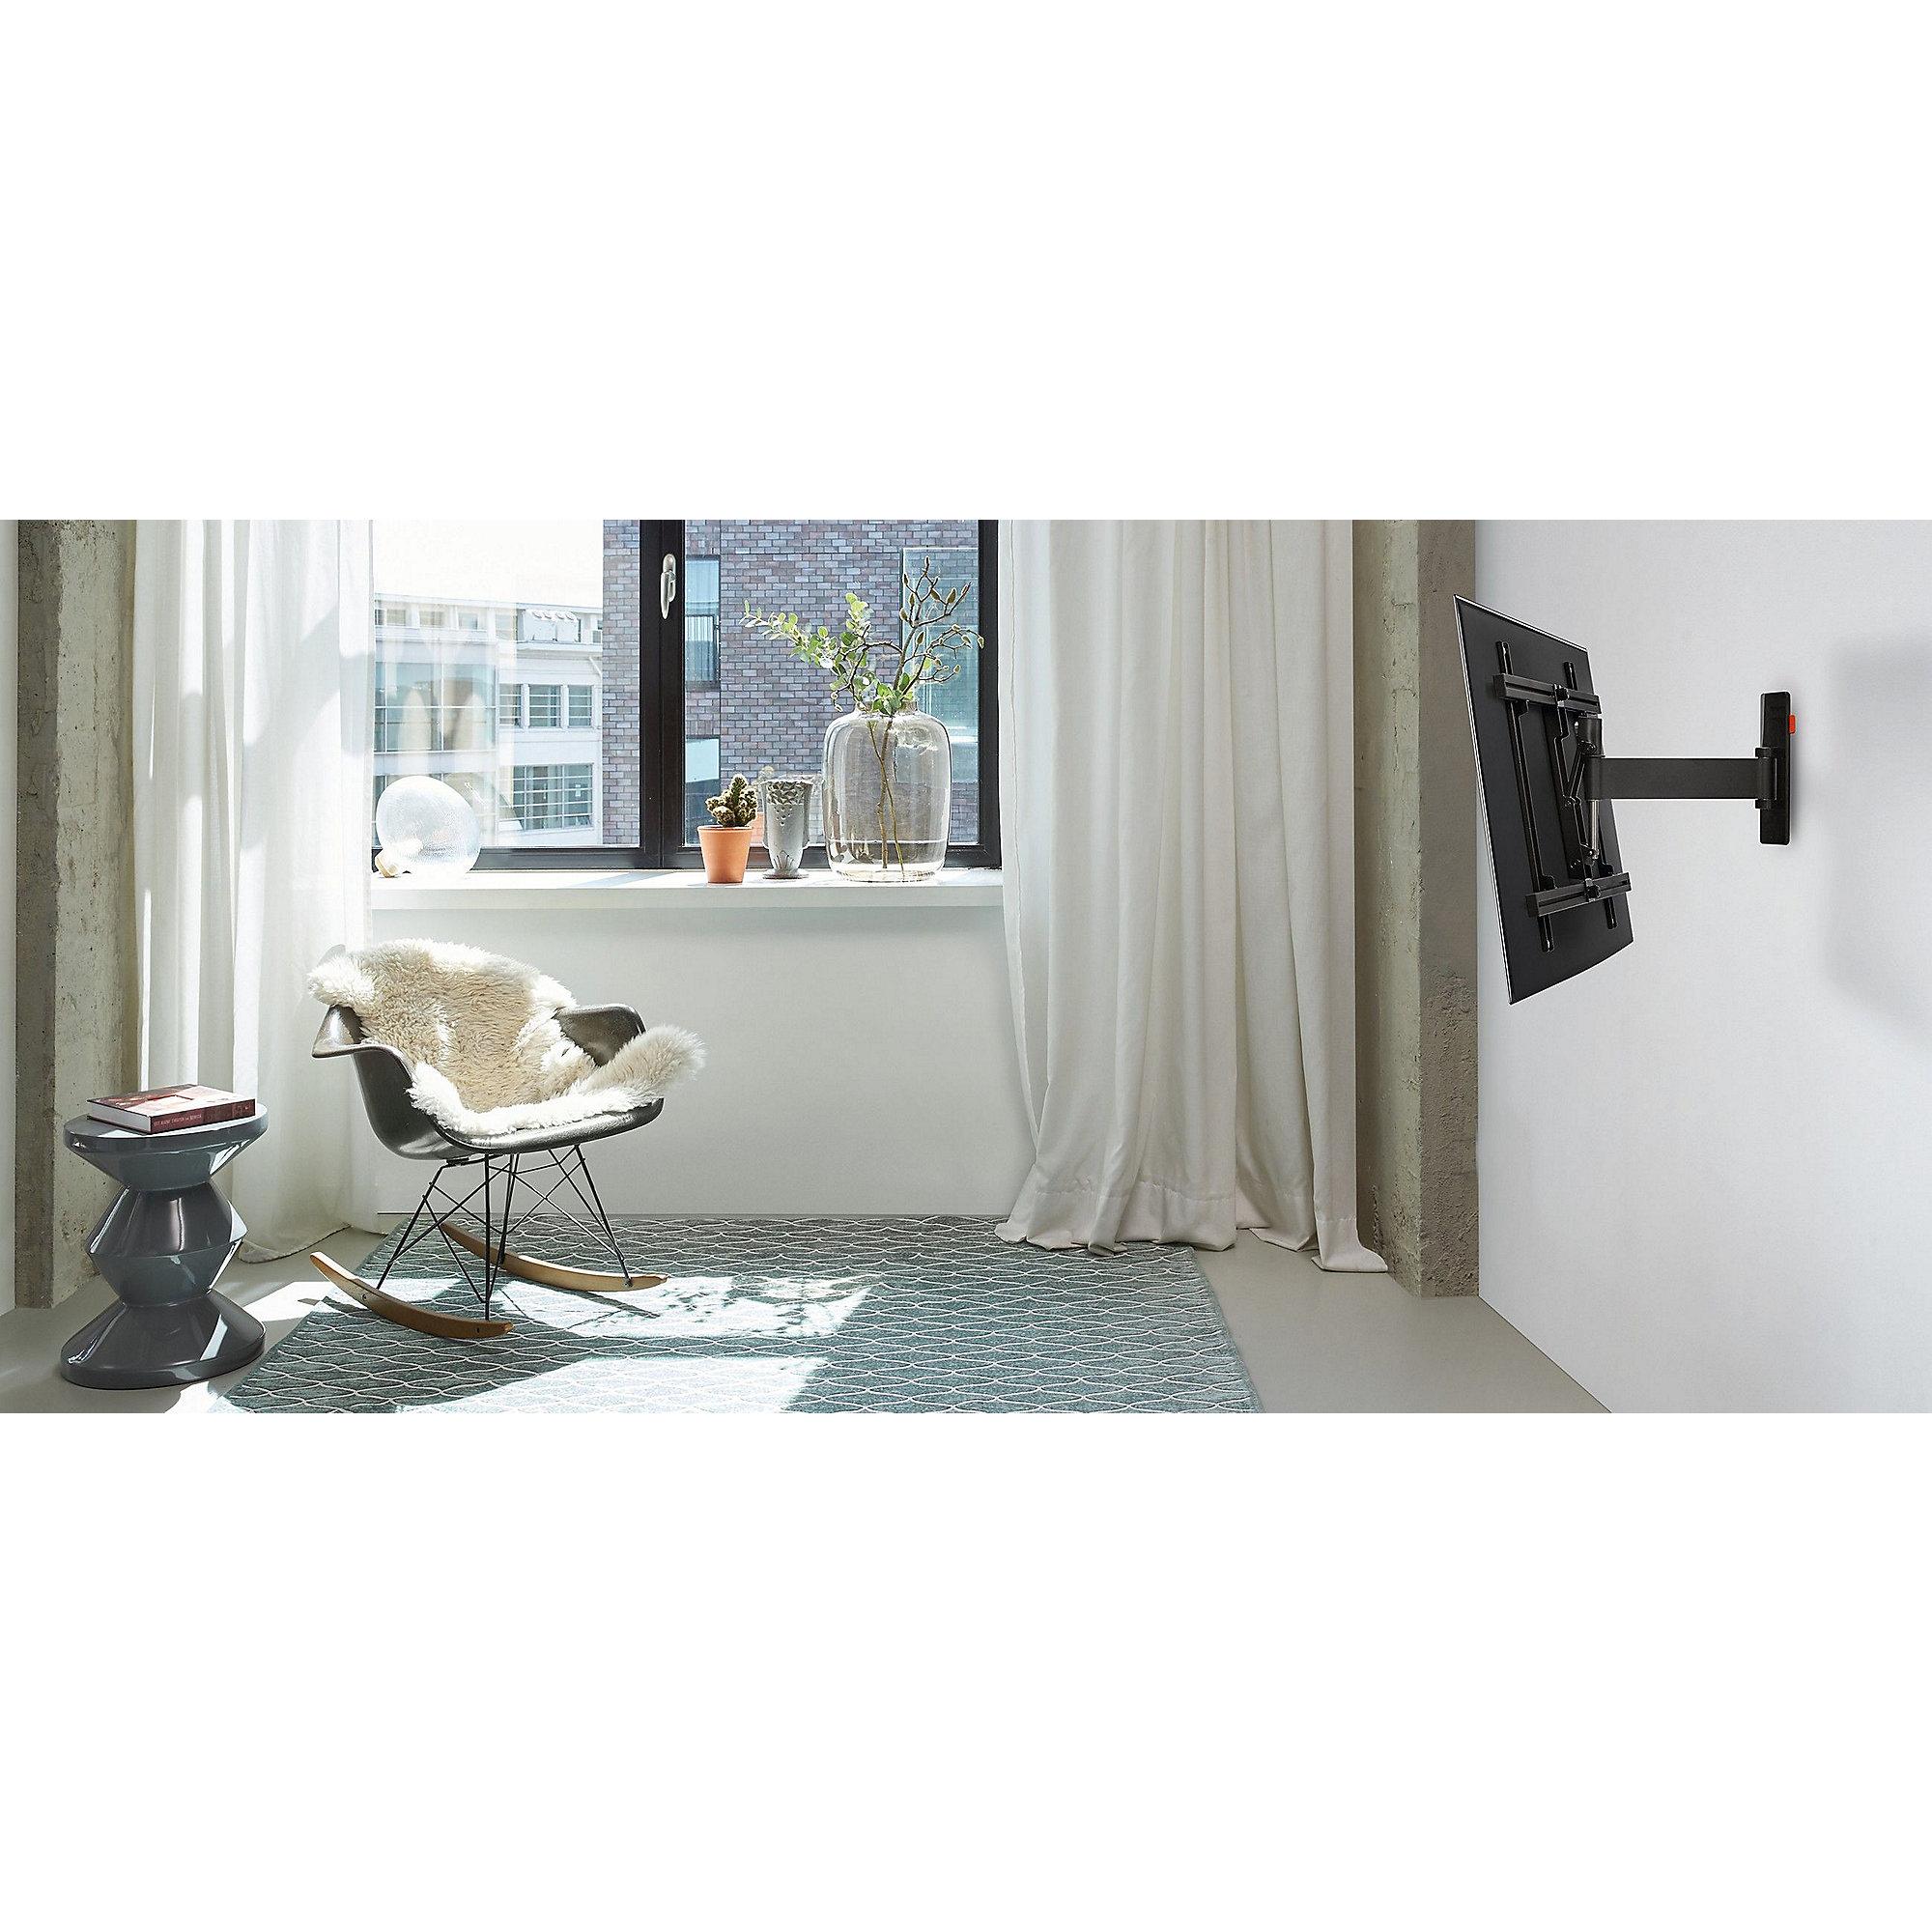 vogels wall 3225 wandhalterung vesa 100x100 bis 400x400 mm schwarz cyberport. Black Bedroom Furniture Sets. Home Design Ideas